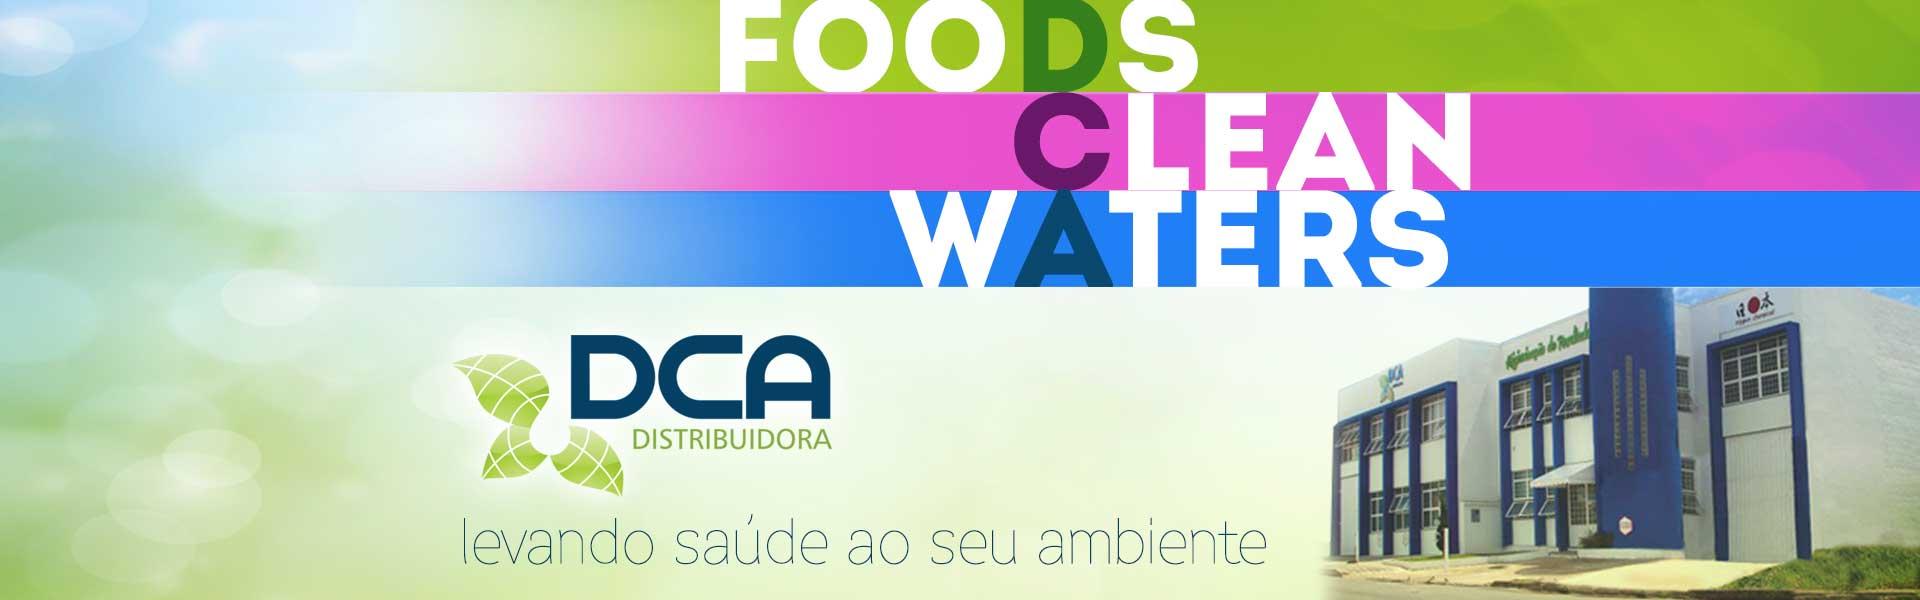 slider_dca1